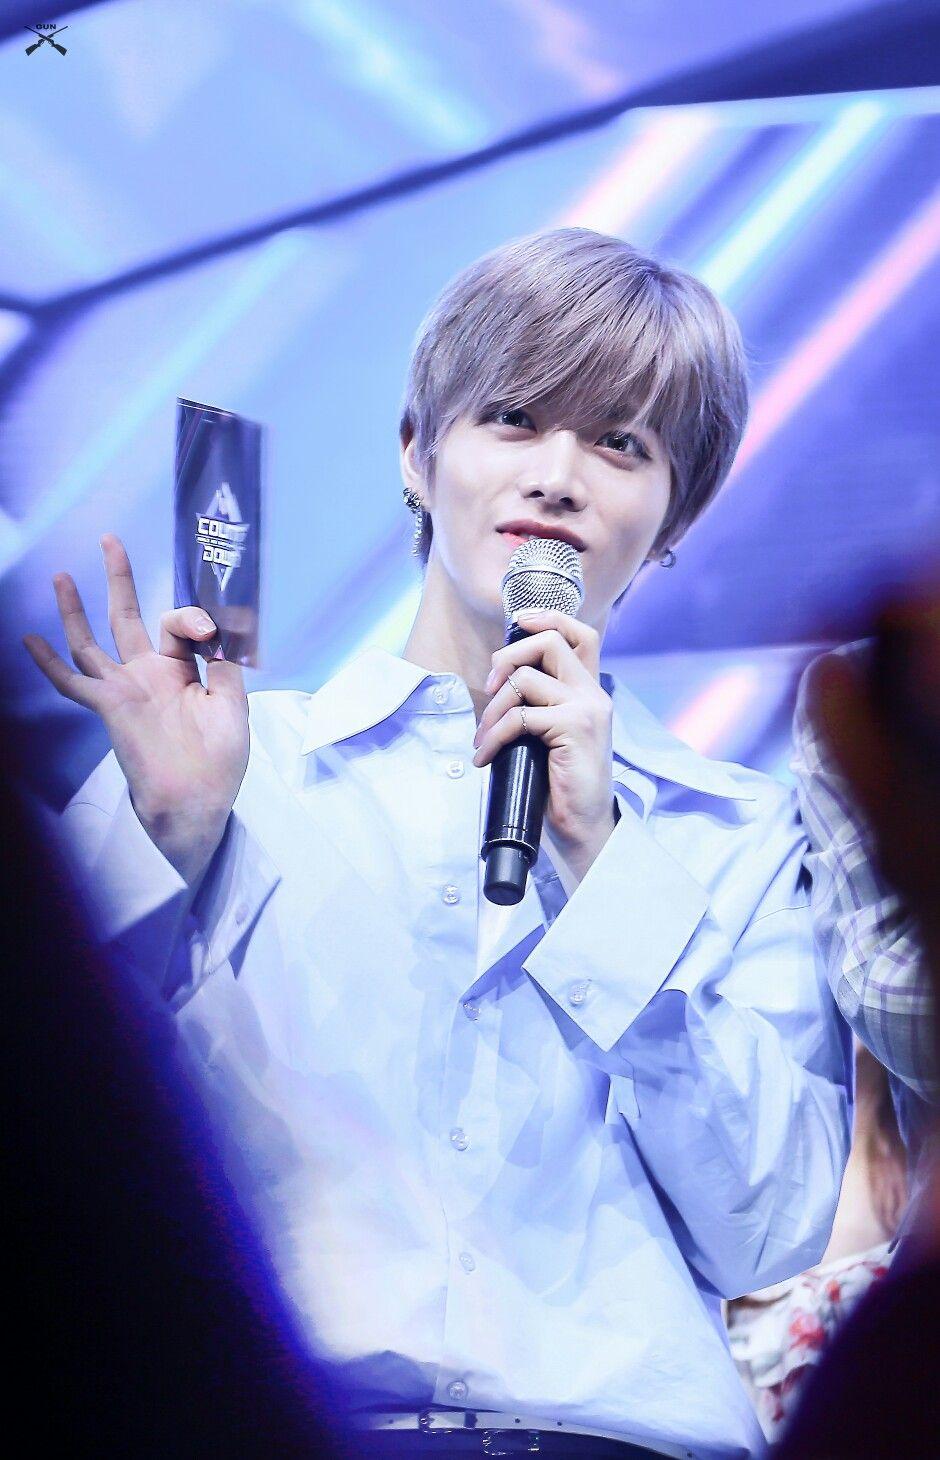 #YUTA #NCT Cre: on pic | Corea del sur, Corea